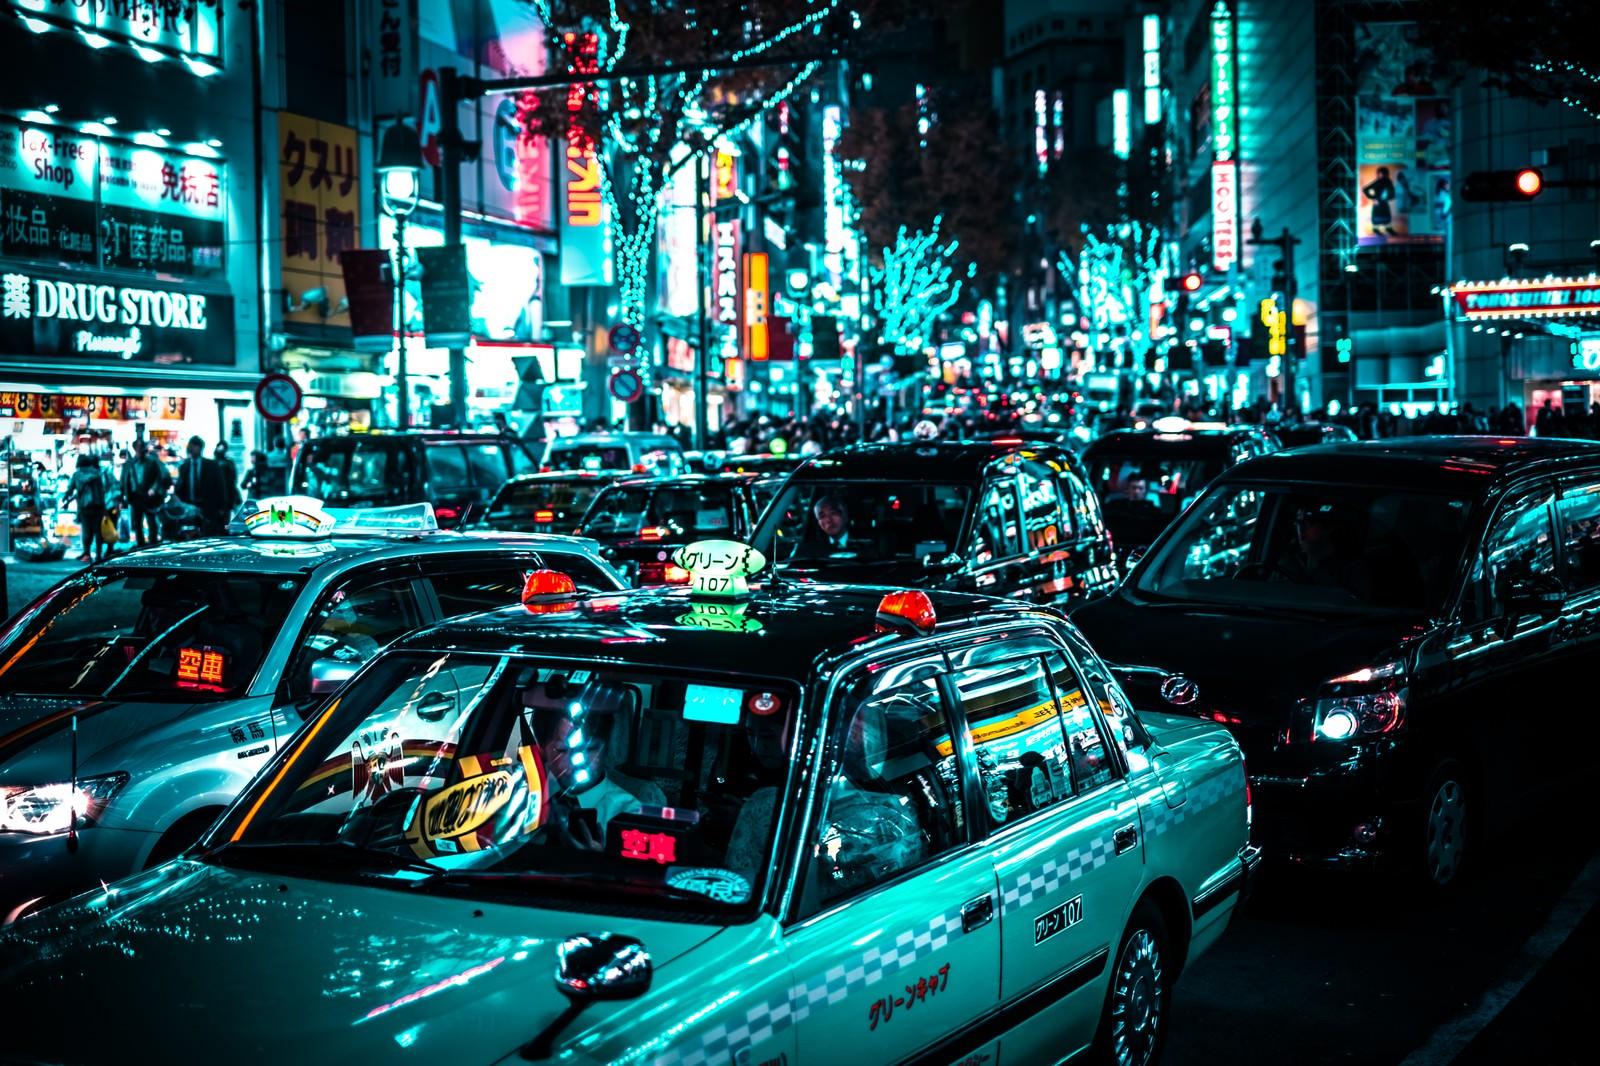 「赤信号待ちするタクシーの列(渋谷駅前)」の写真